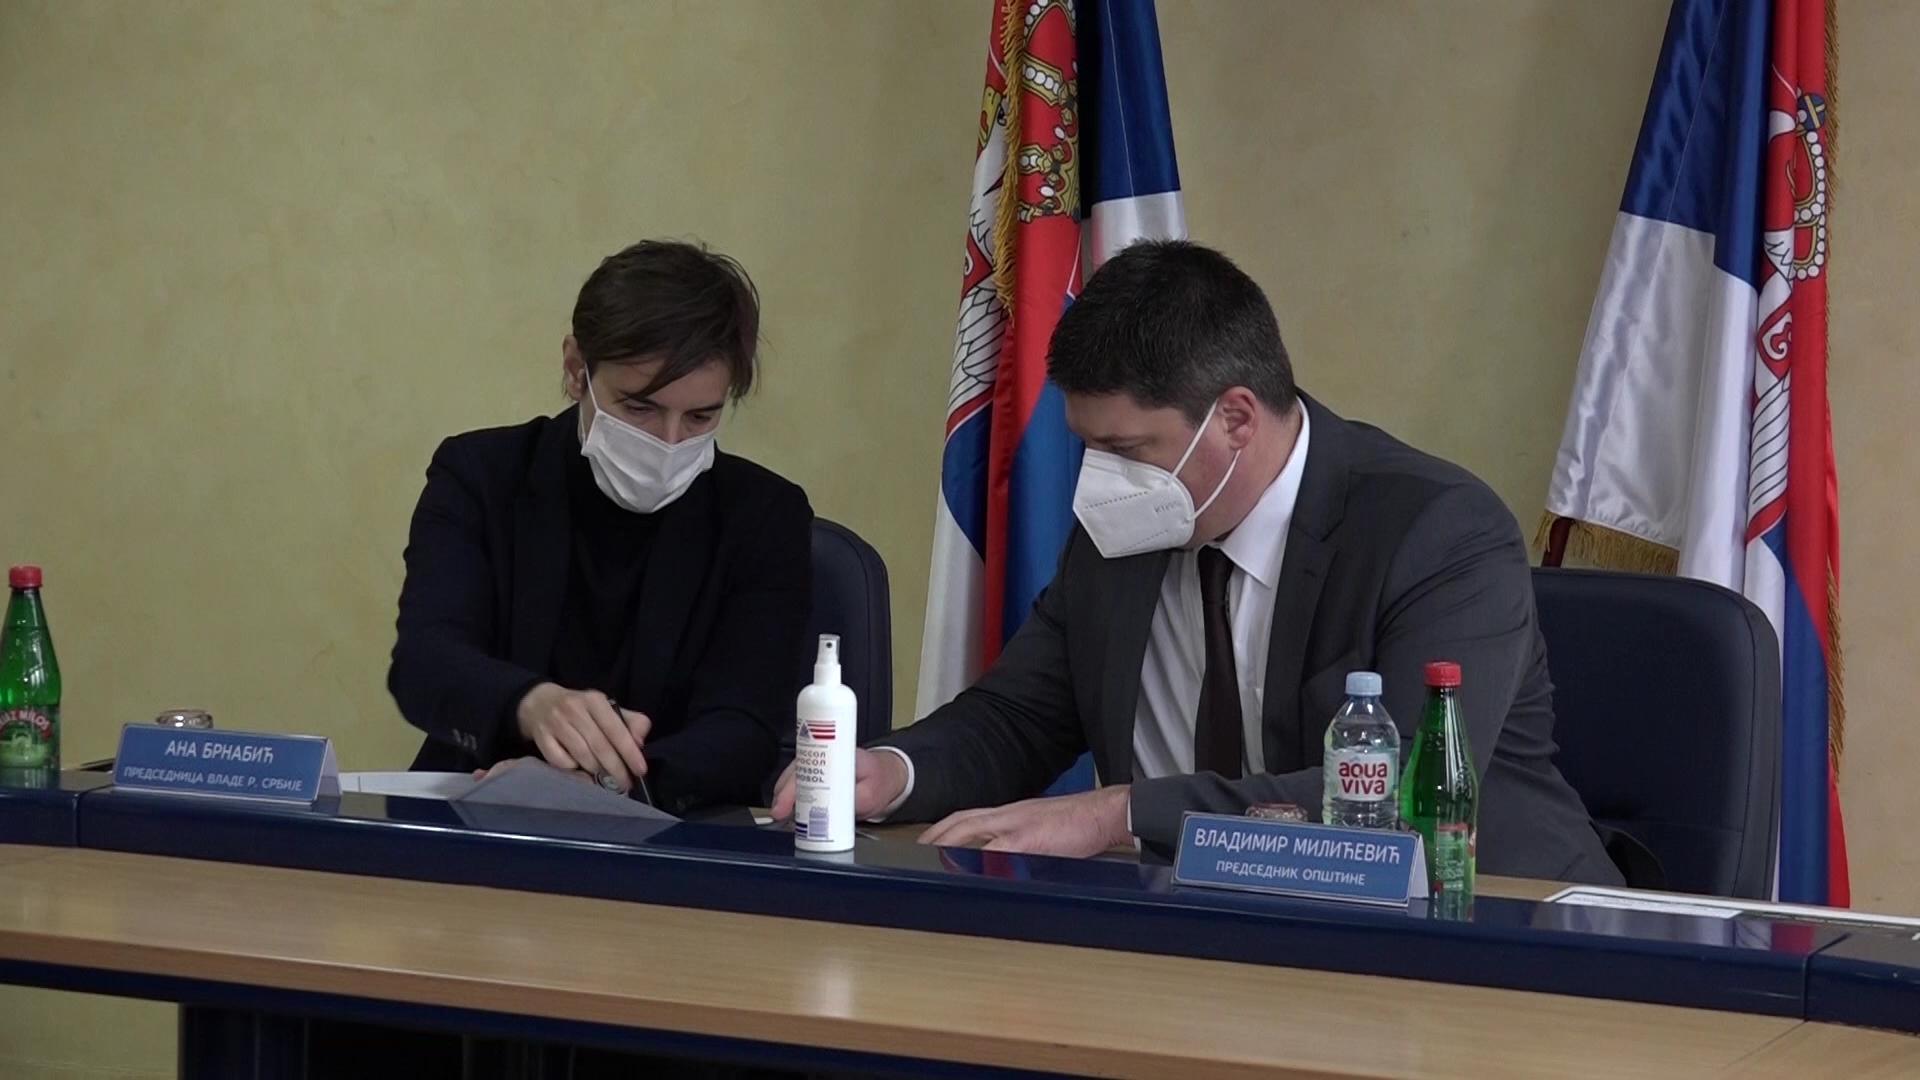 Paraćin posetila delegacija Vlade Srbije na čelu sa premijerkom Anom Brnabić